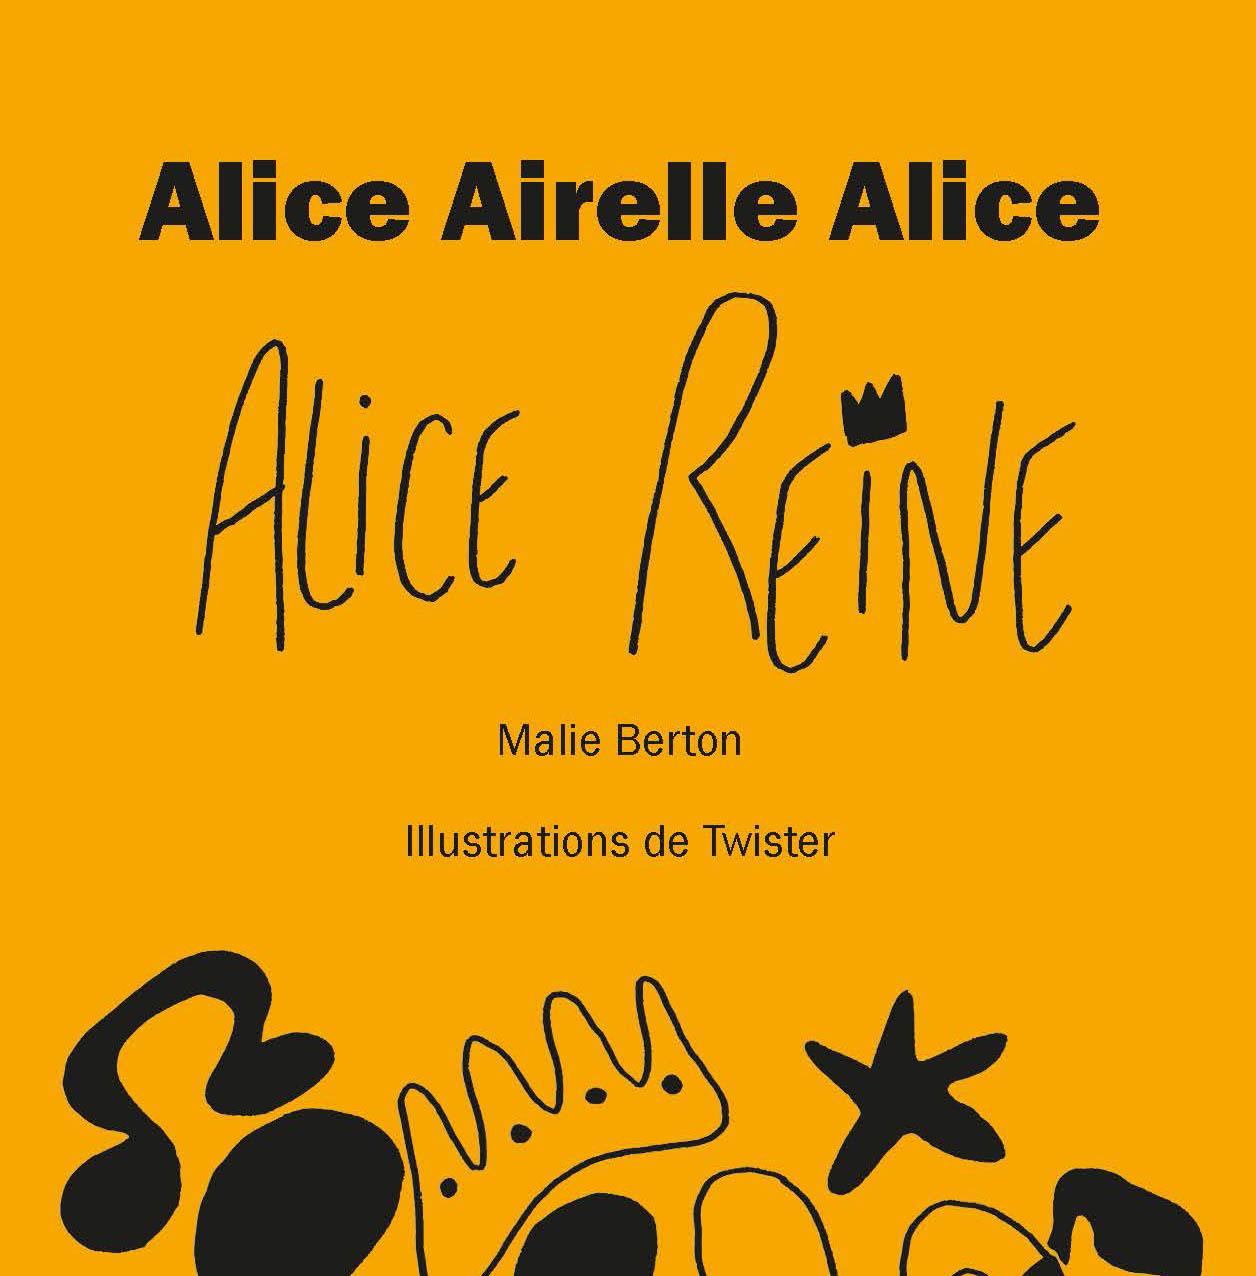 Alice Aielle ALice, Alice Reine